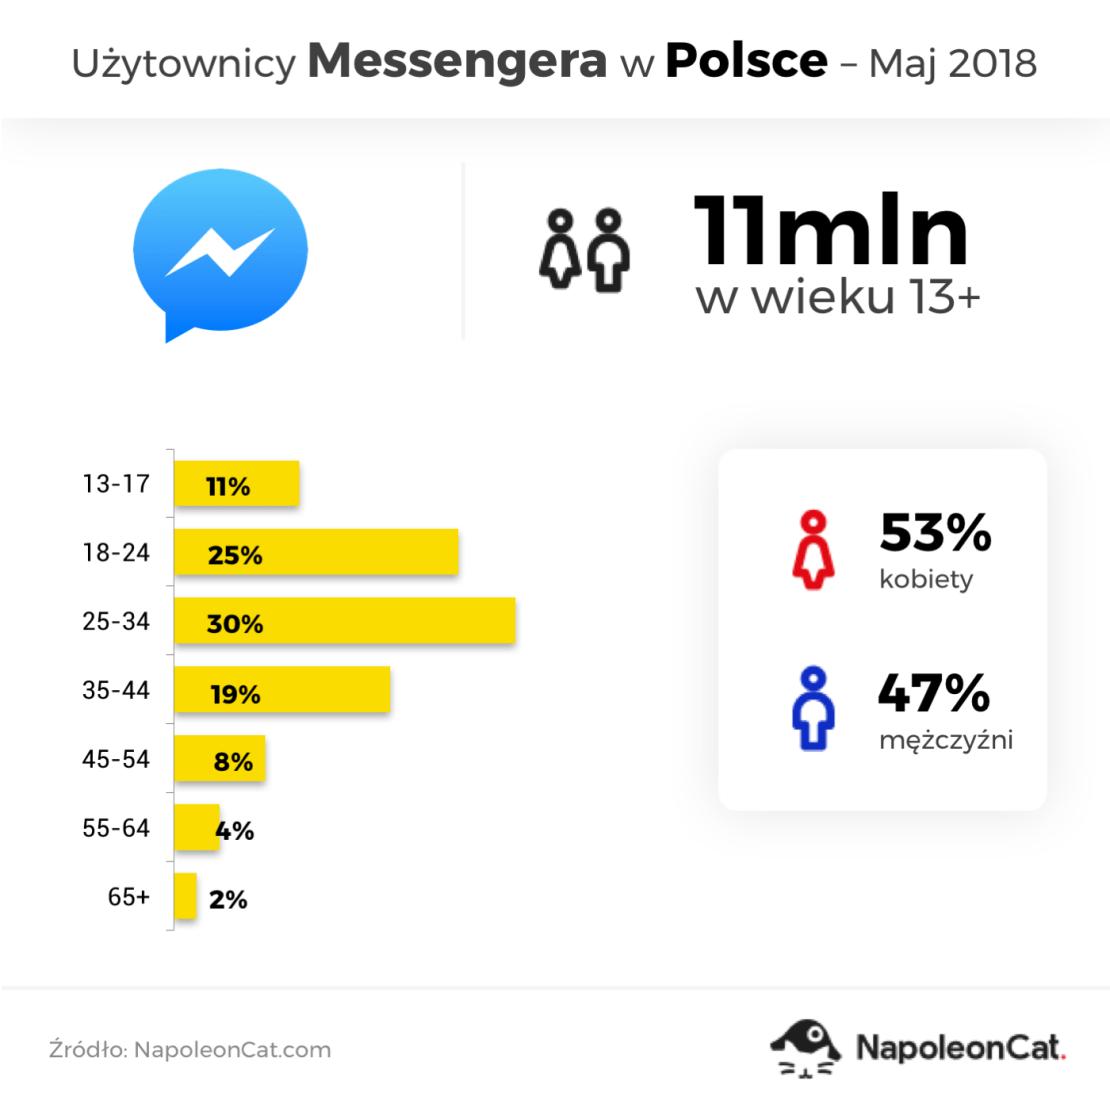 Użytkownicy Messengera w Polsce (stan na maj 2018)